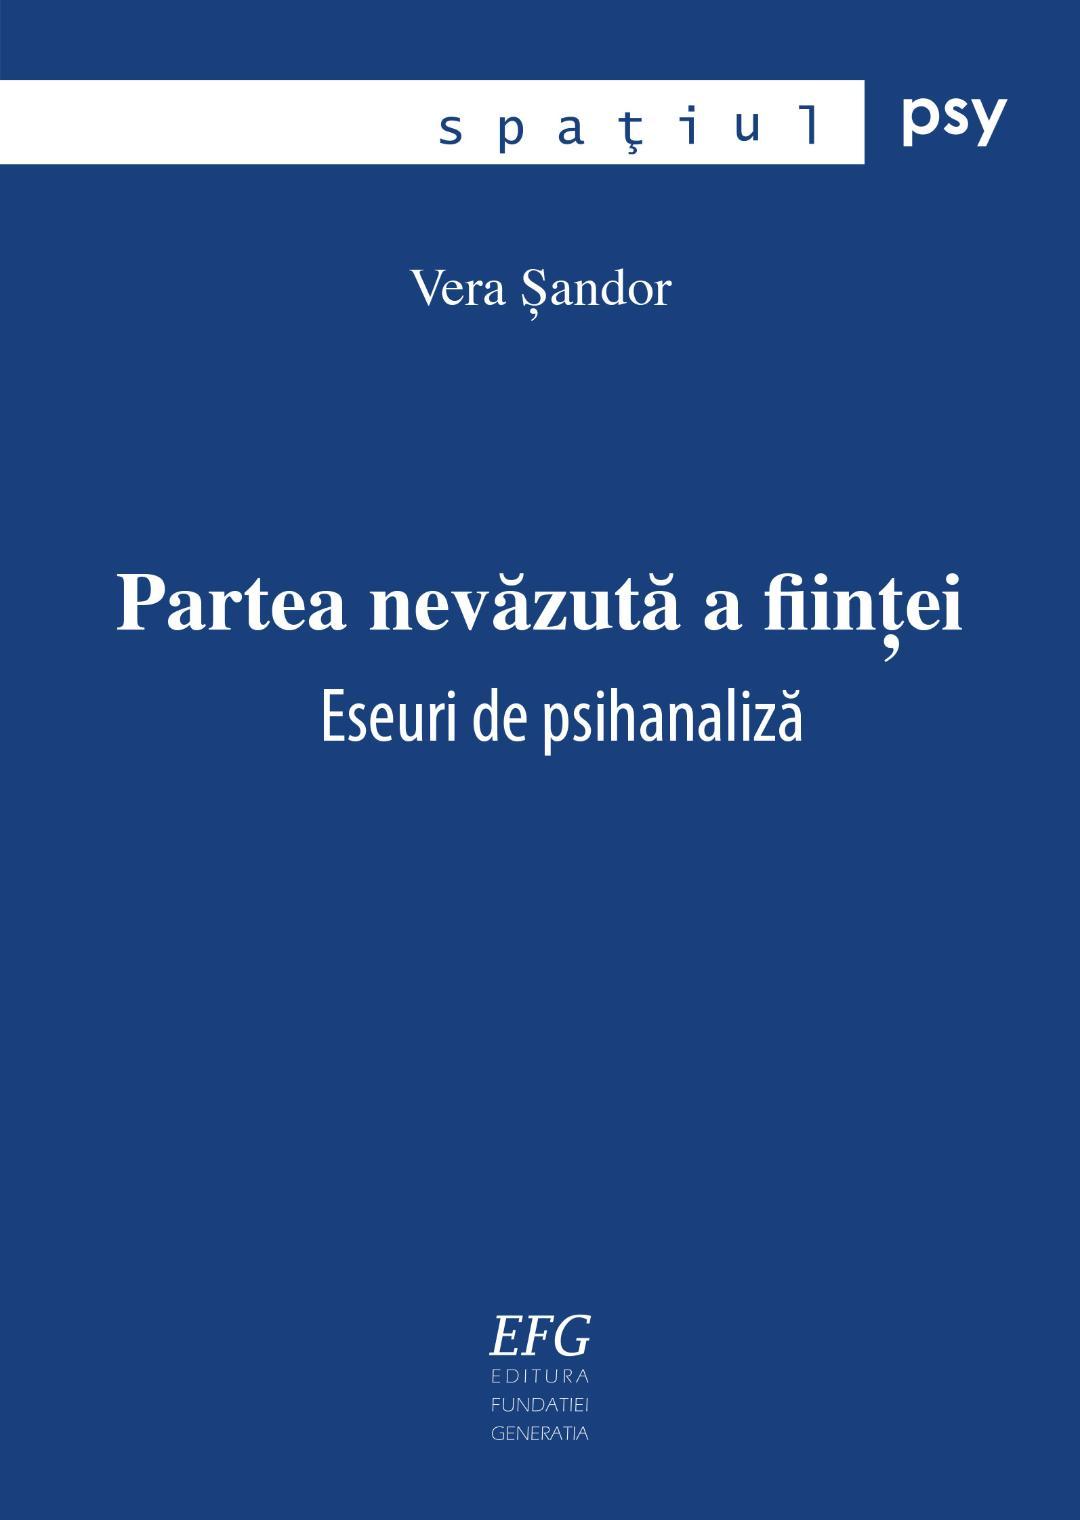 Vera Șandor - Partea nevăzută a ființei: Eseuri de psihanaliză